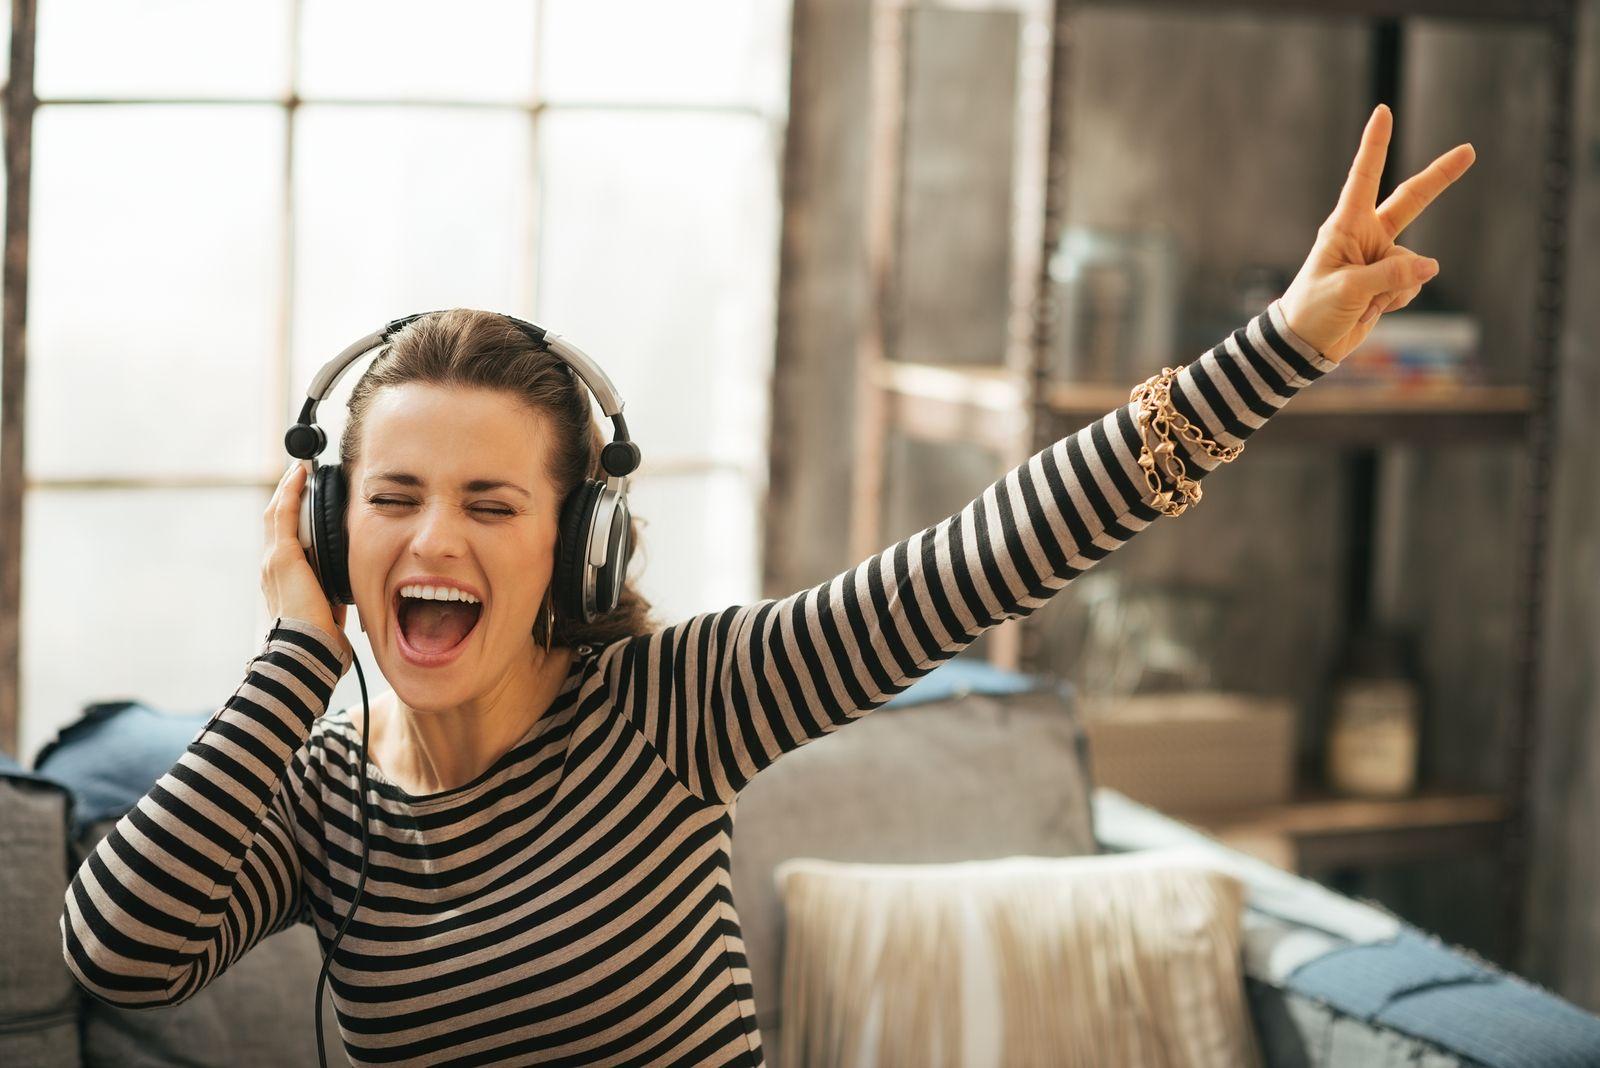 Qual tipo de música você gosta de ouvir? Gosto não se discute e cada pessoa tem o seu, mas uma coisa é verdade: música é algo muito bom! http://www.eusemfronteiras.com.br/musica-um-calmante-natural/ #eusemfronteiras #música #calmante #natural #saúde